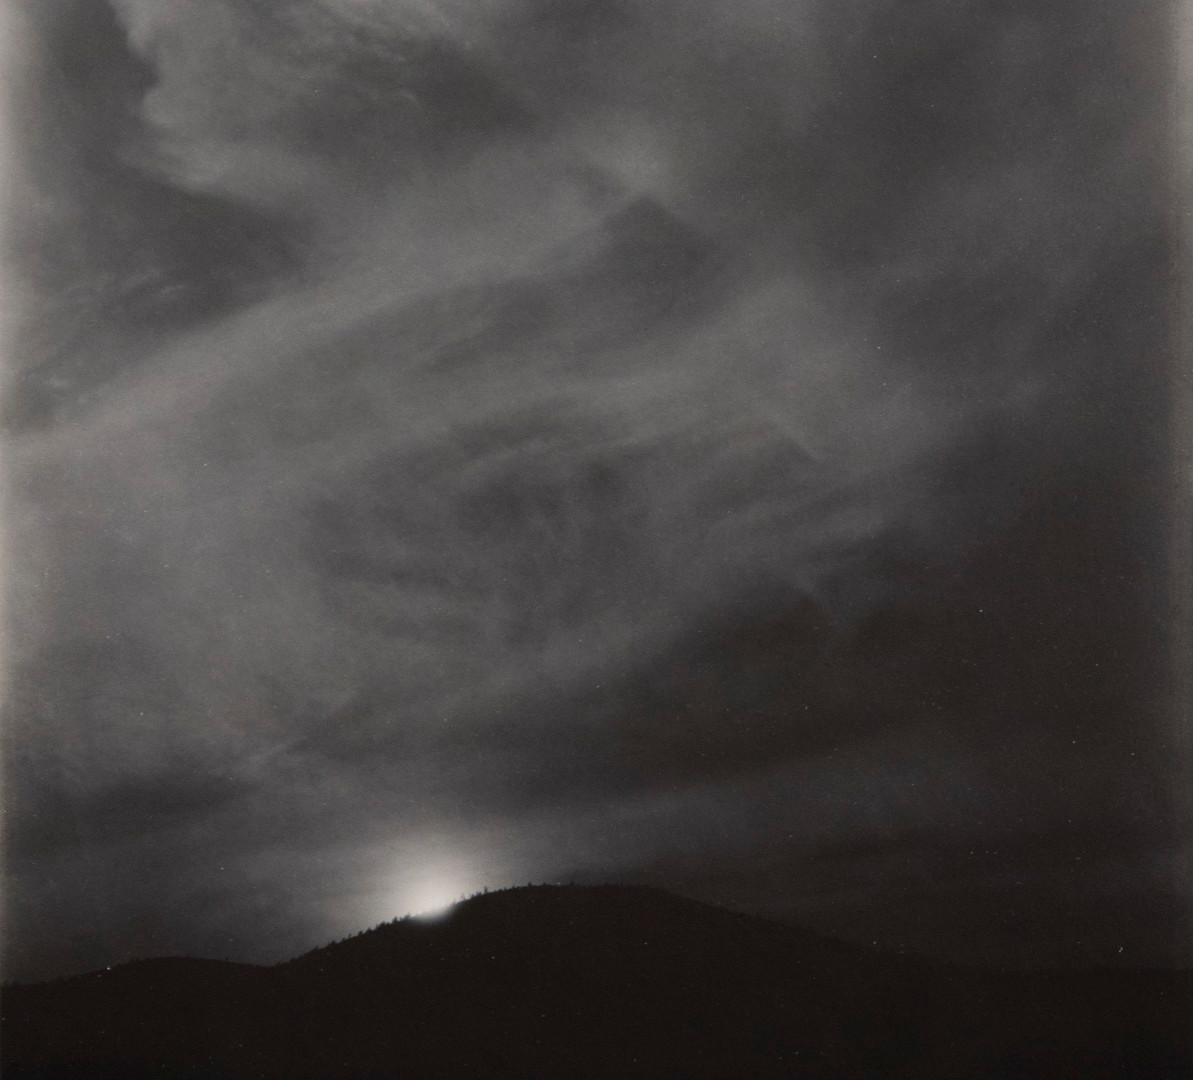 Alfred Stieglitz, Lake George, probably 1922